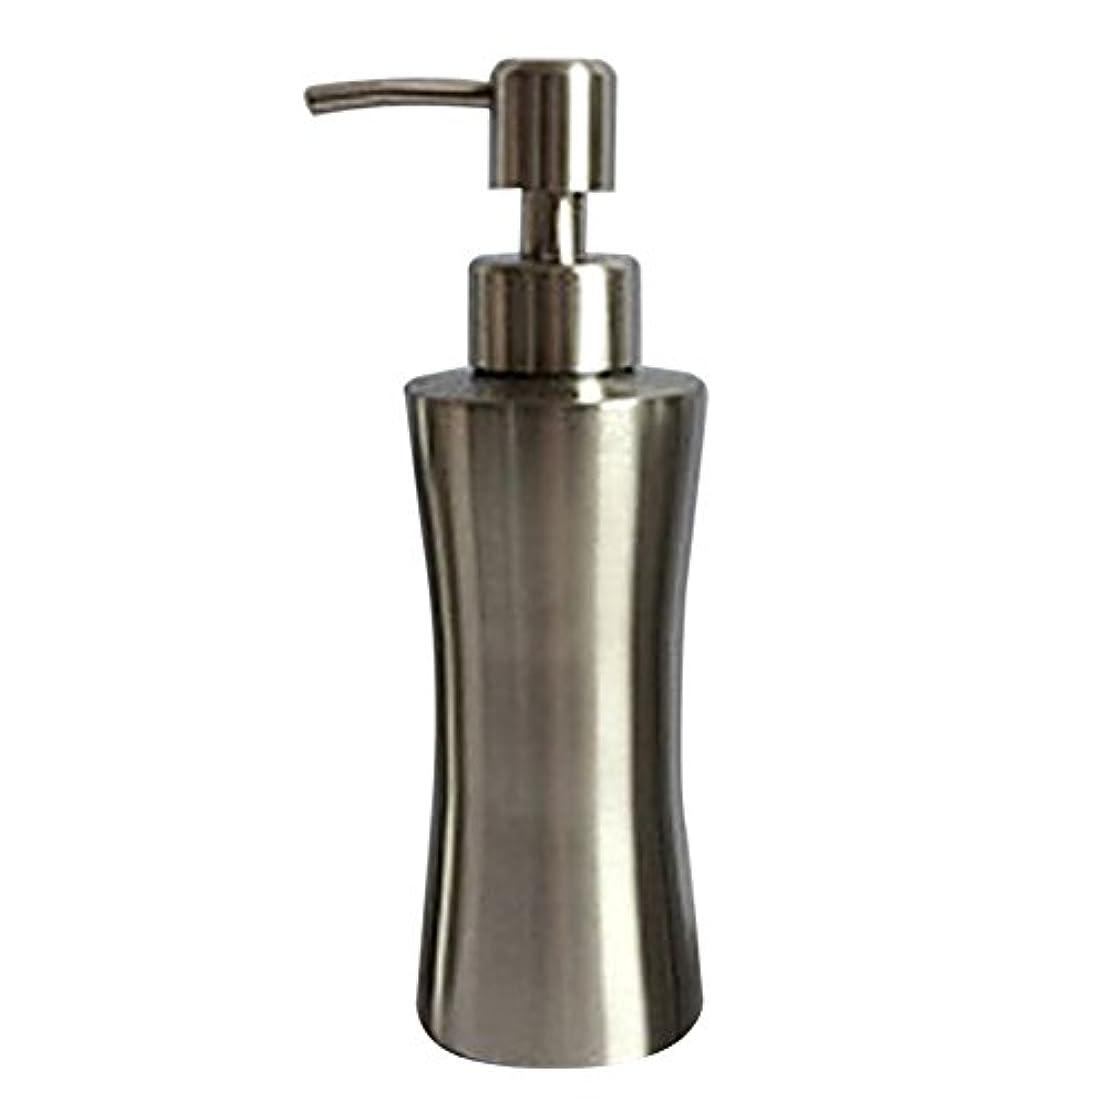 侵入する国歌骨の折れるディスペンサー ステンレス ボトル 容器 ソープ 石鹸 シャンプー 手洗いボトル 耐久性 錆びない 220ml/250ml/400ml (B:250ml)